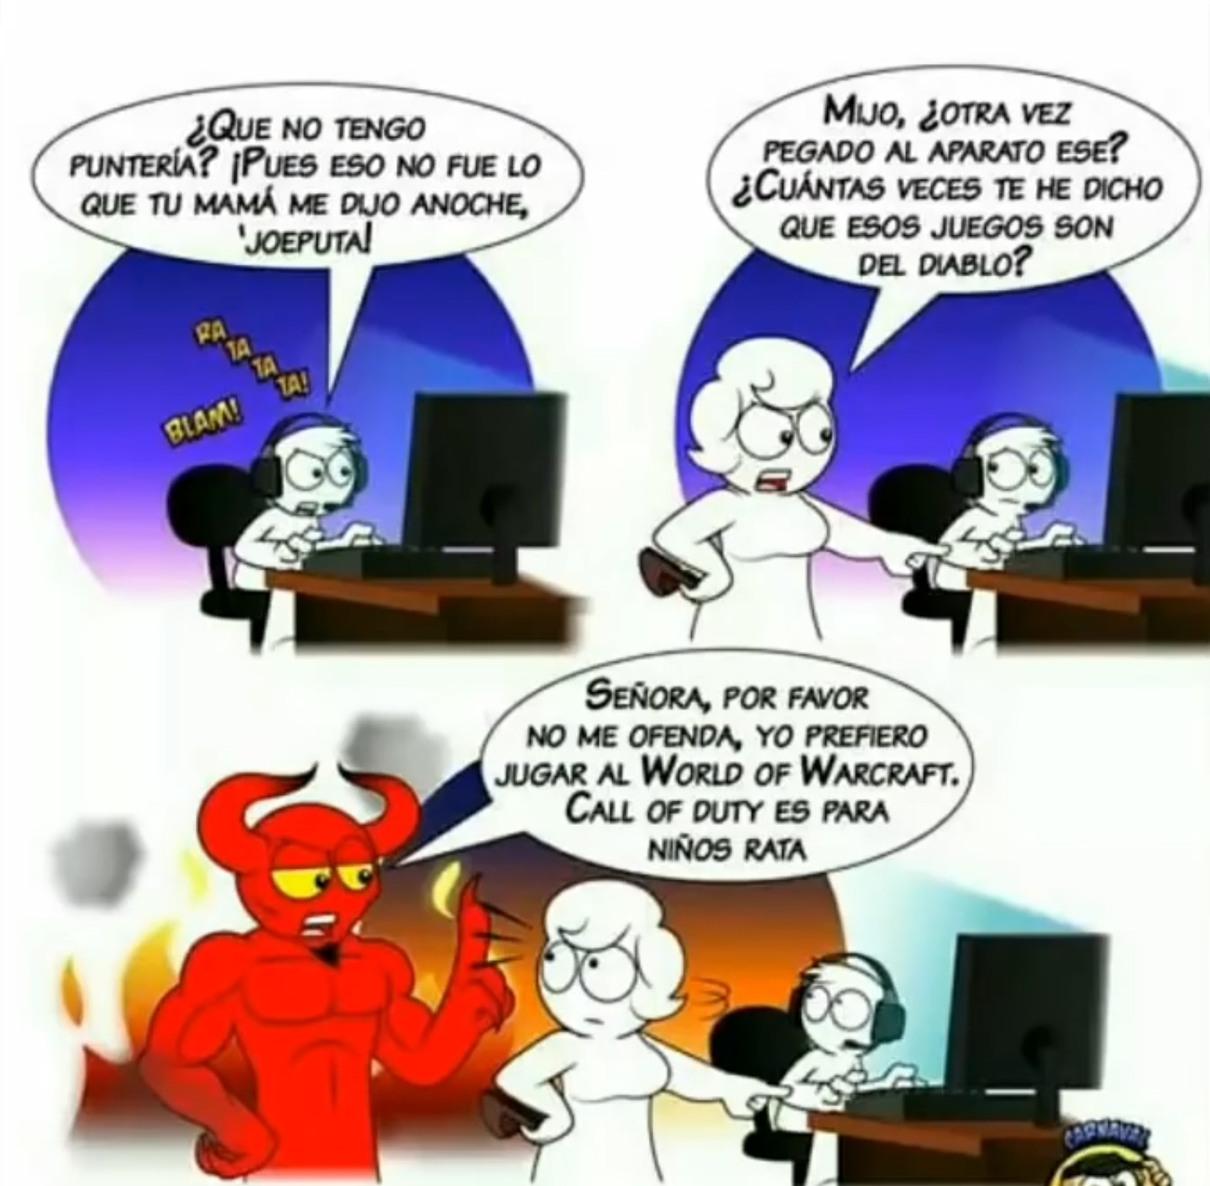 el demonio - meme